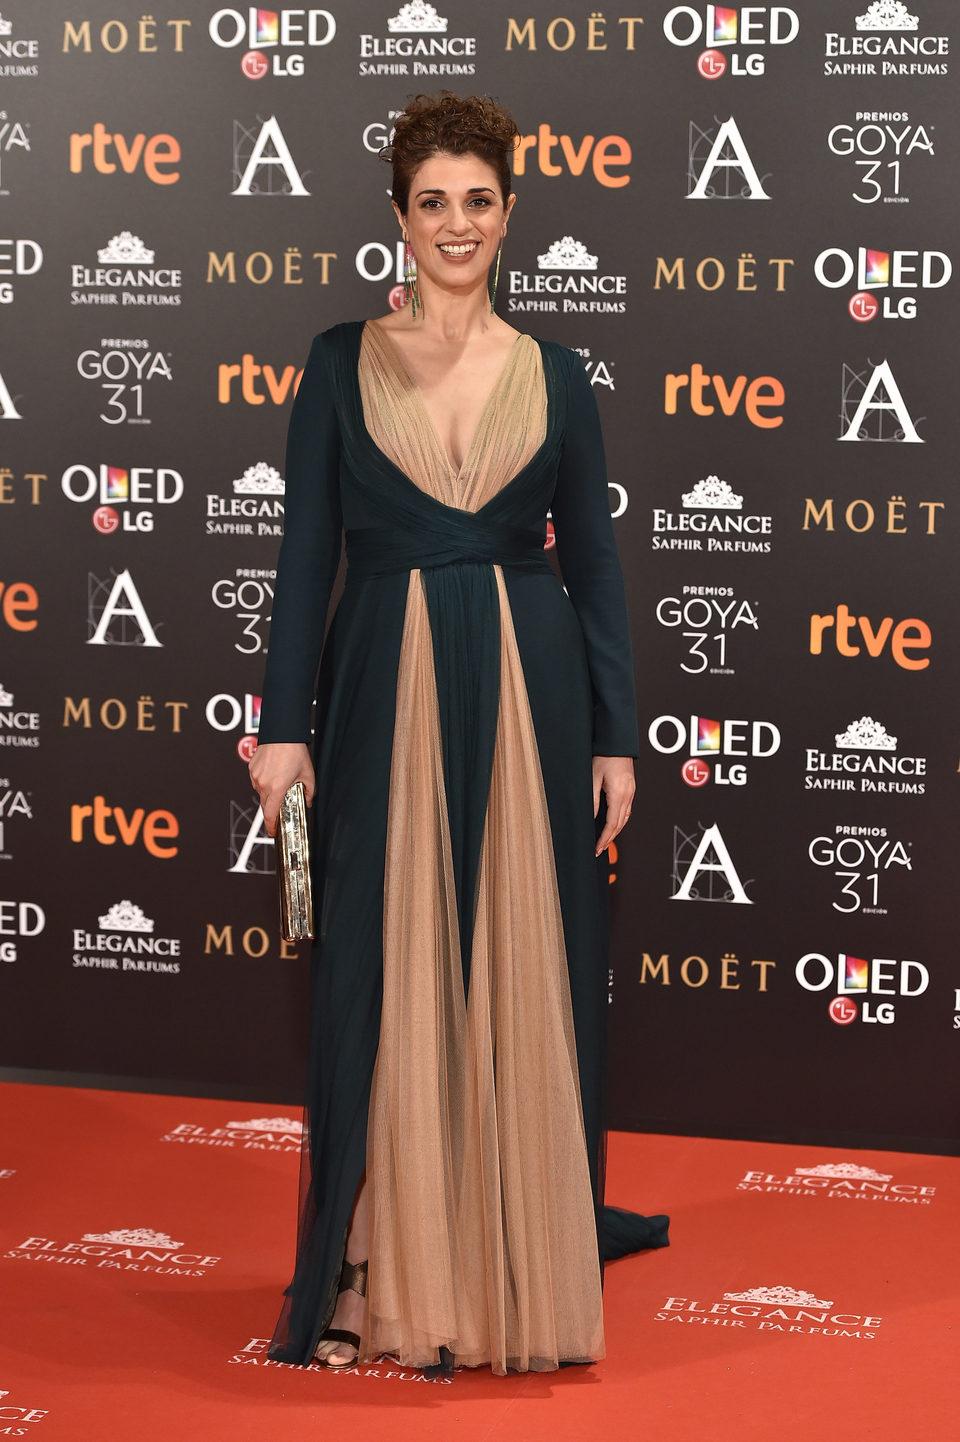 Ruth Gabriel en la alfombra roja de los Premios Goya 2017